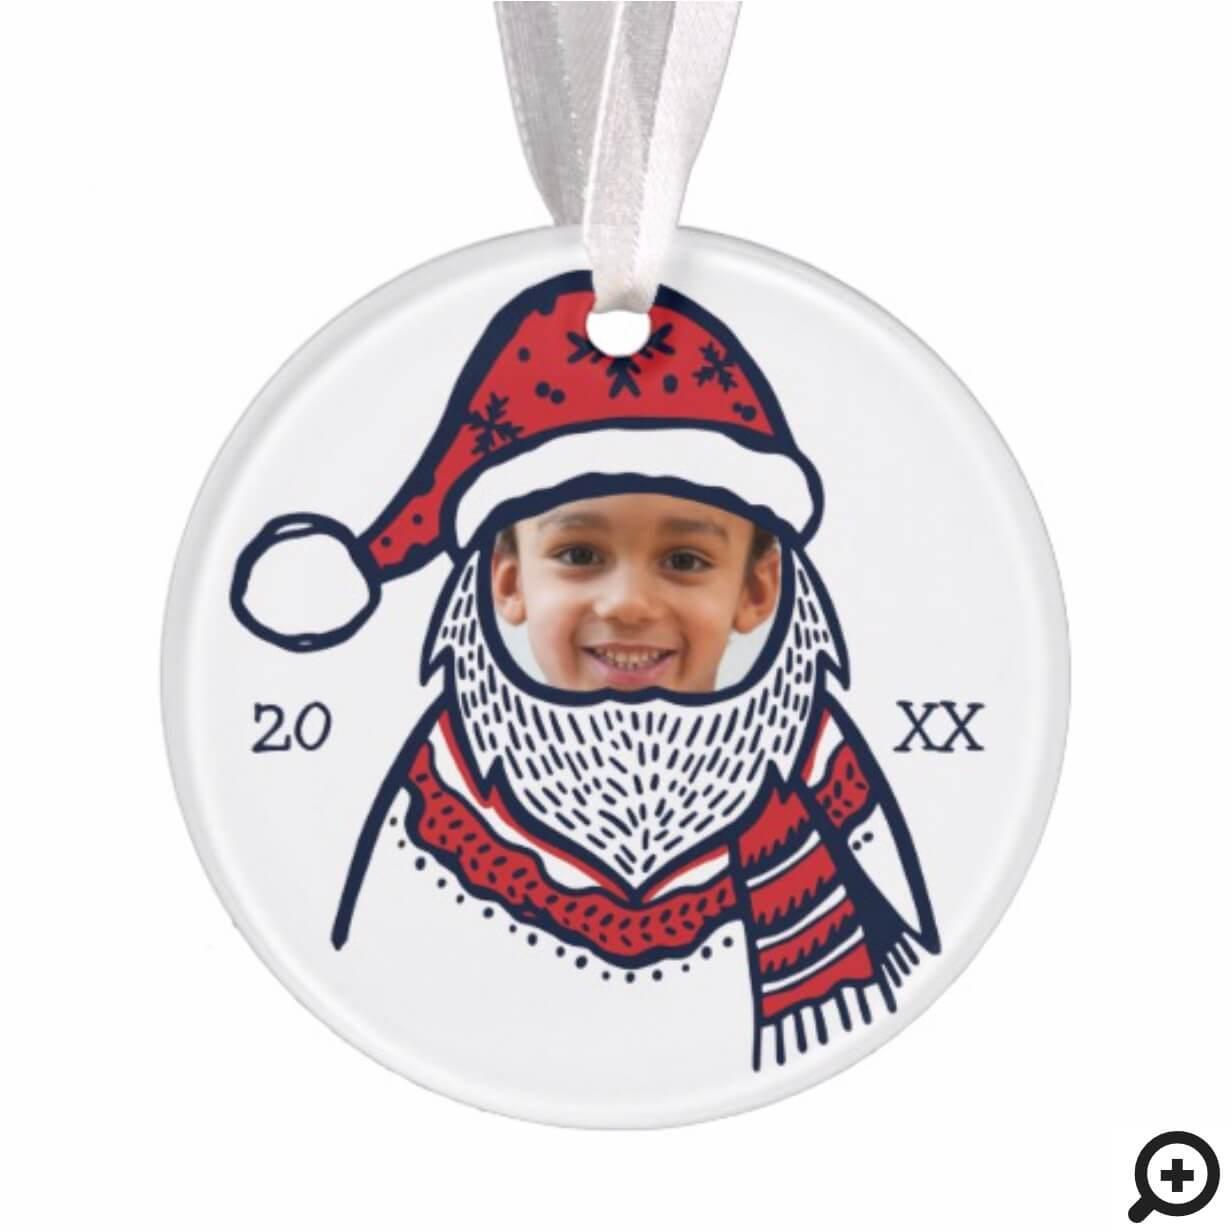 Fun, Festive Red Plaid Santa Claus Character Photo Ornament